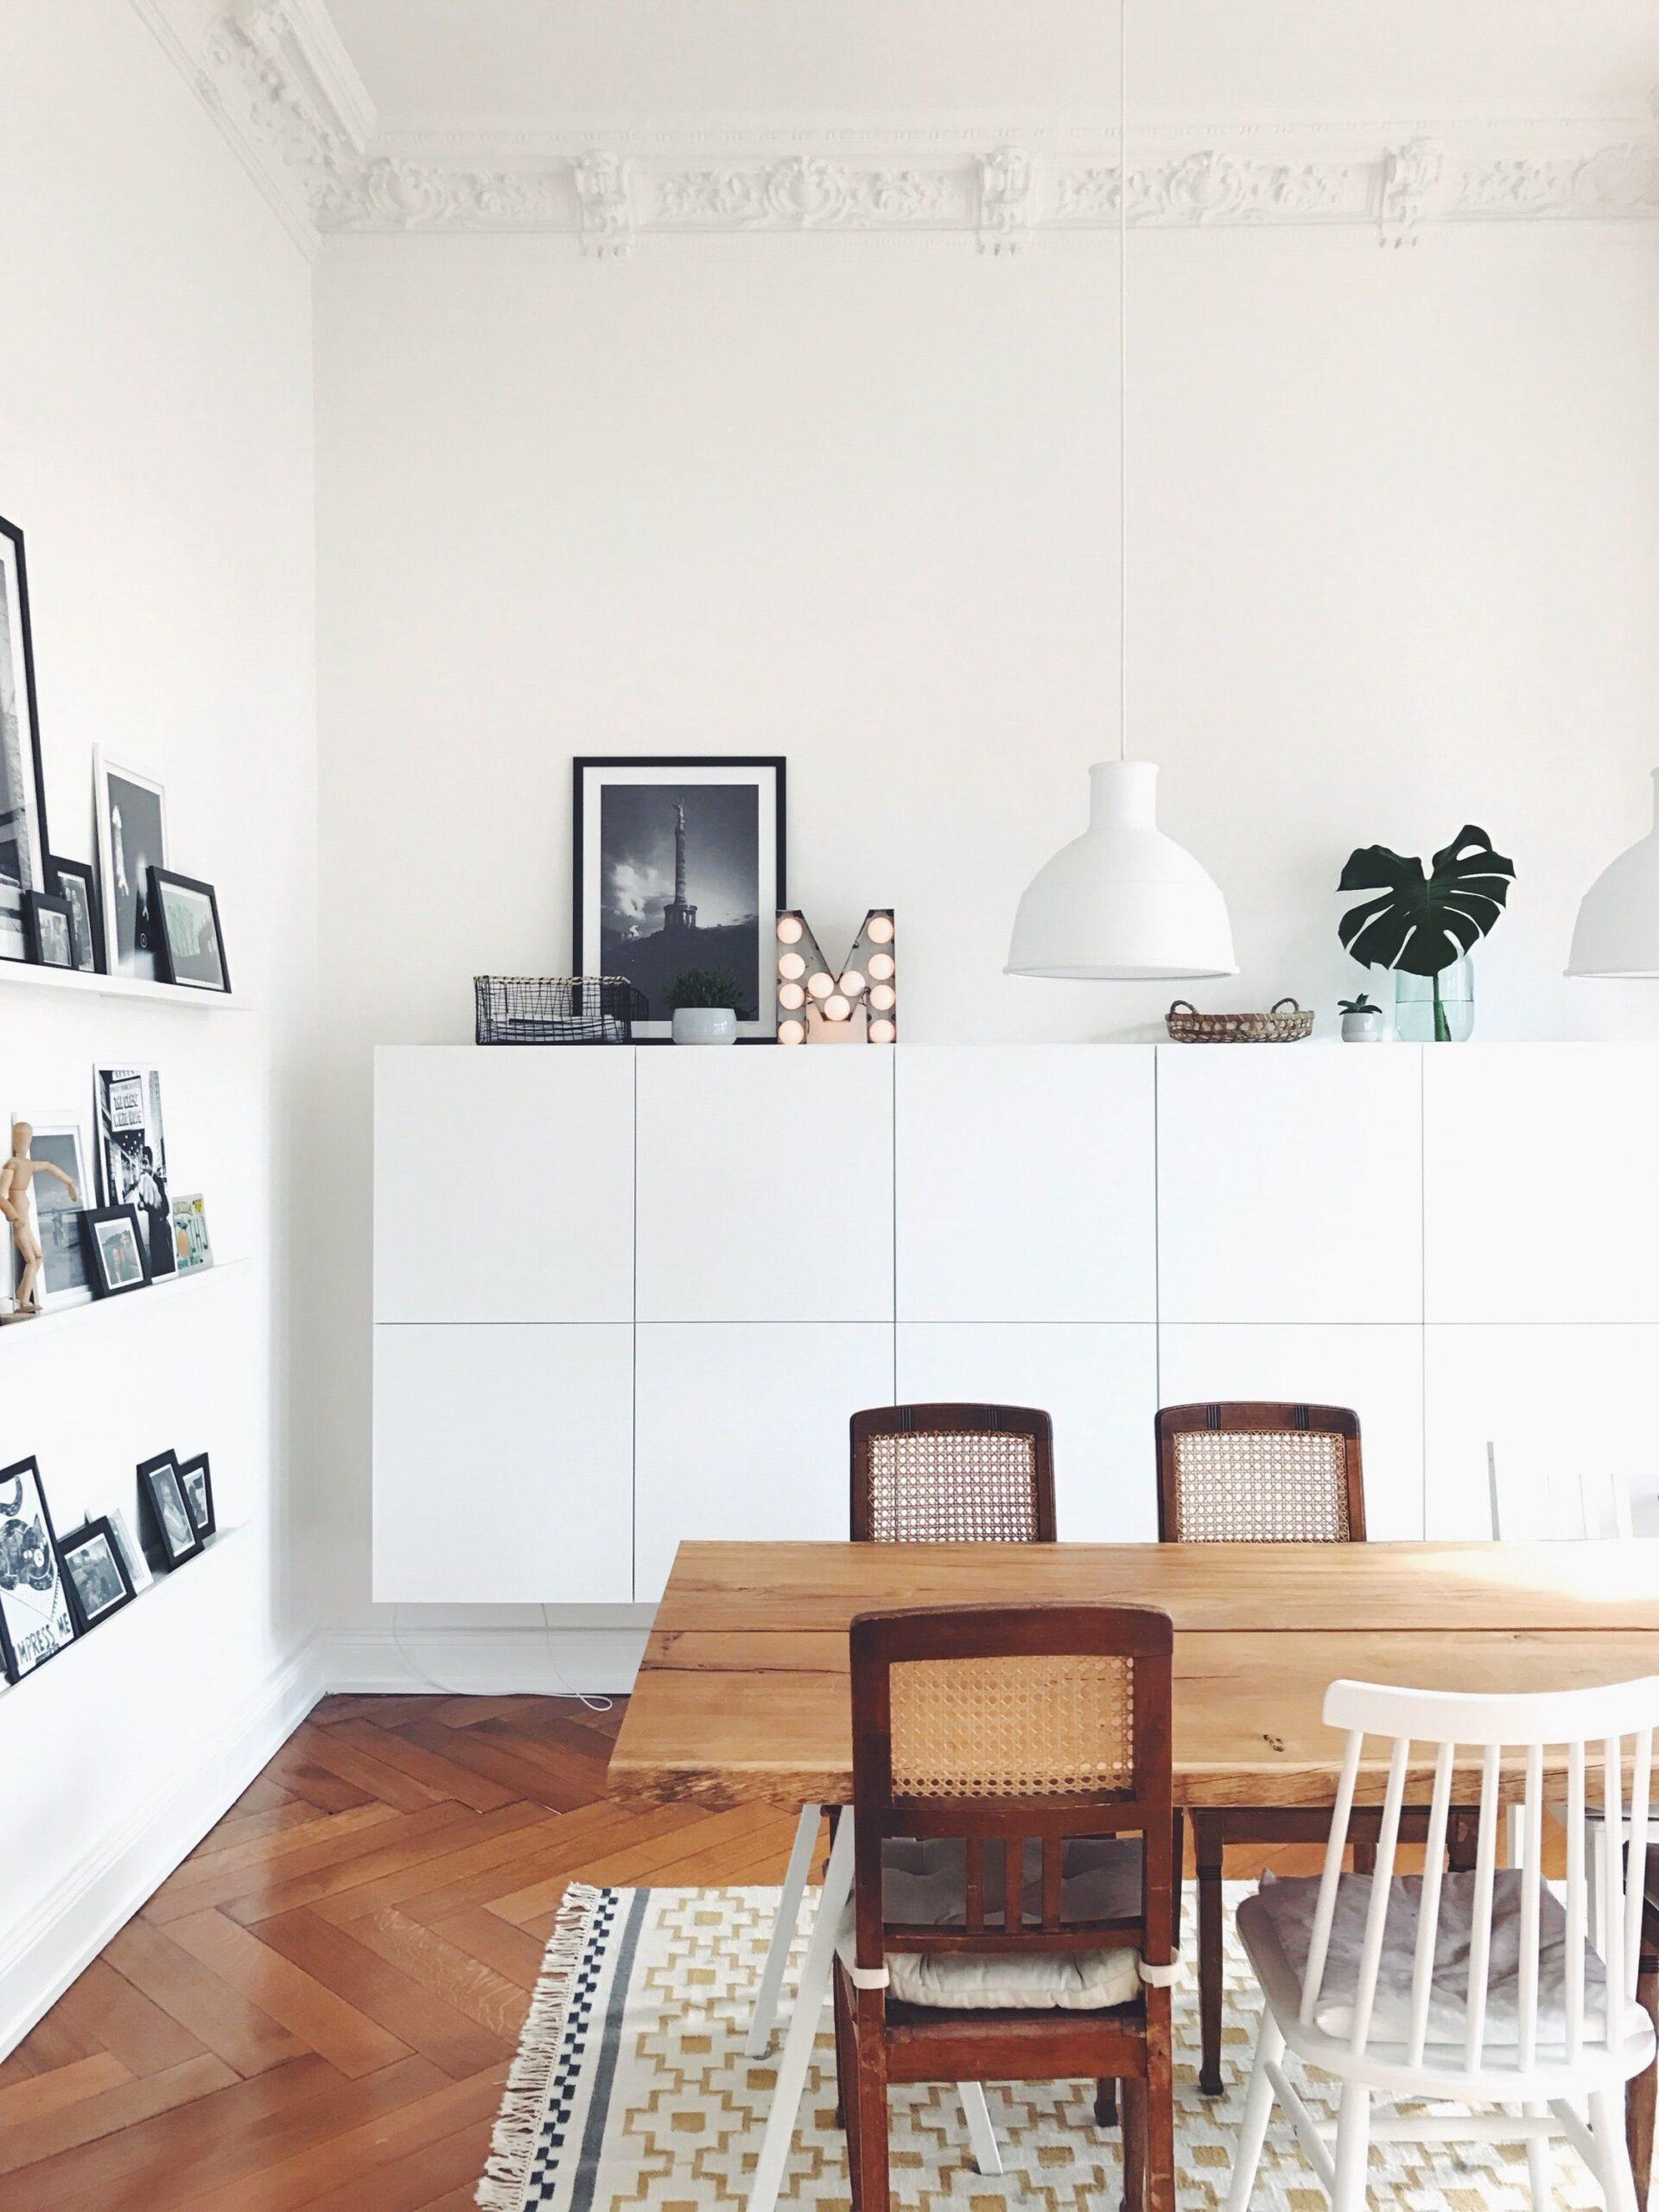 Full Size of Wohnzimmerschränke Ikea Hereinspaziert 10 Neue Wohnungseinblicke Wohnung Esszimmer Modulküche Küche Kaufen Kosten Betten Bei Miniküche Sofa Mit Wohnzimmer Wohnzimmerschränke Ikea